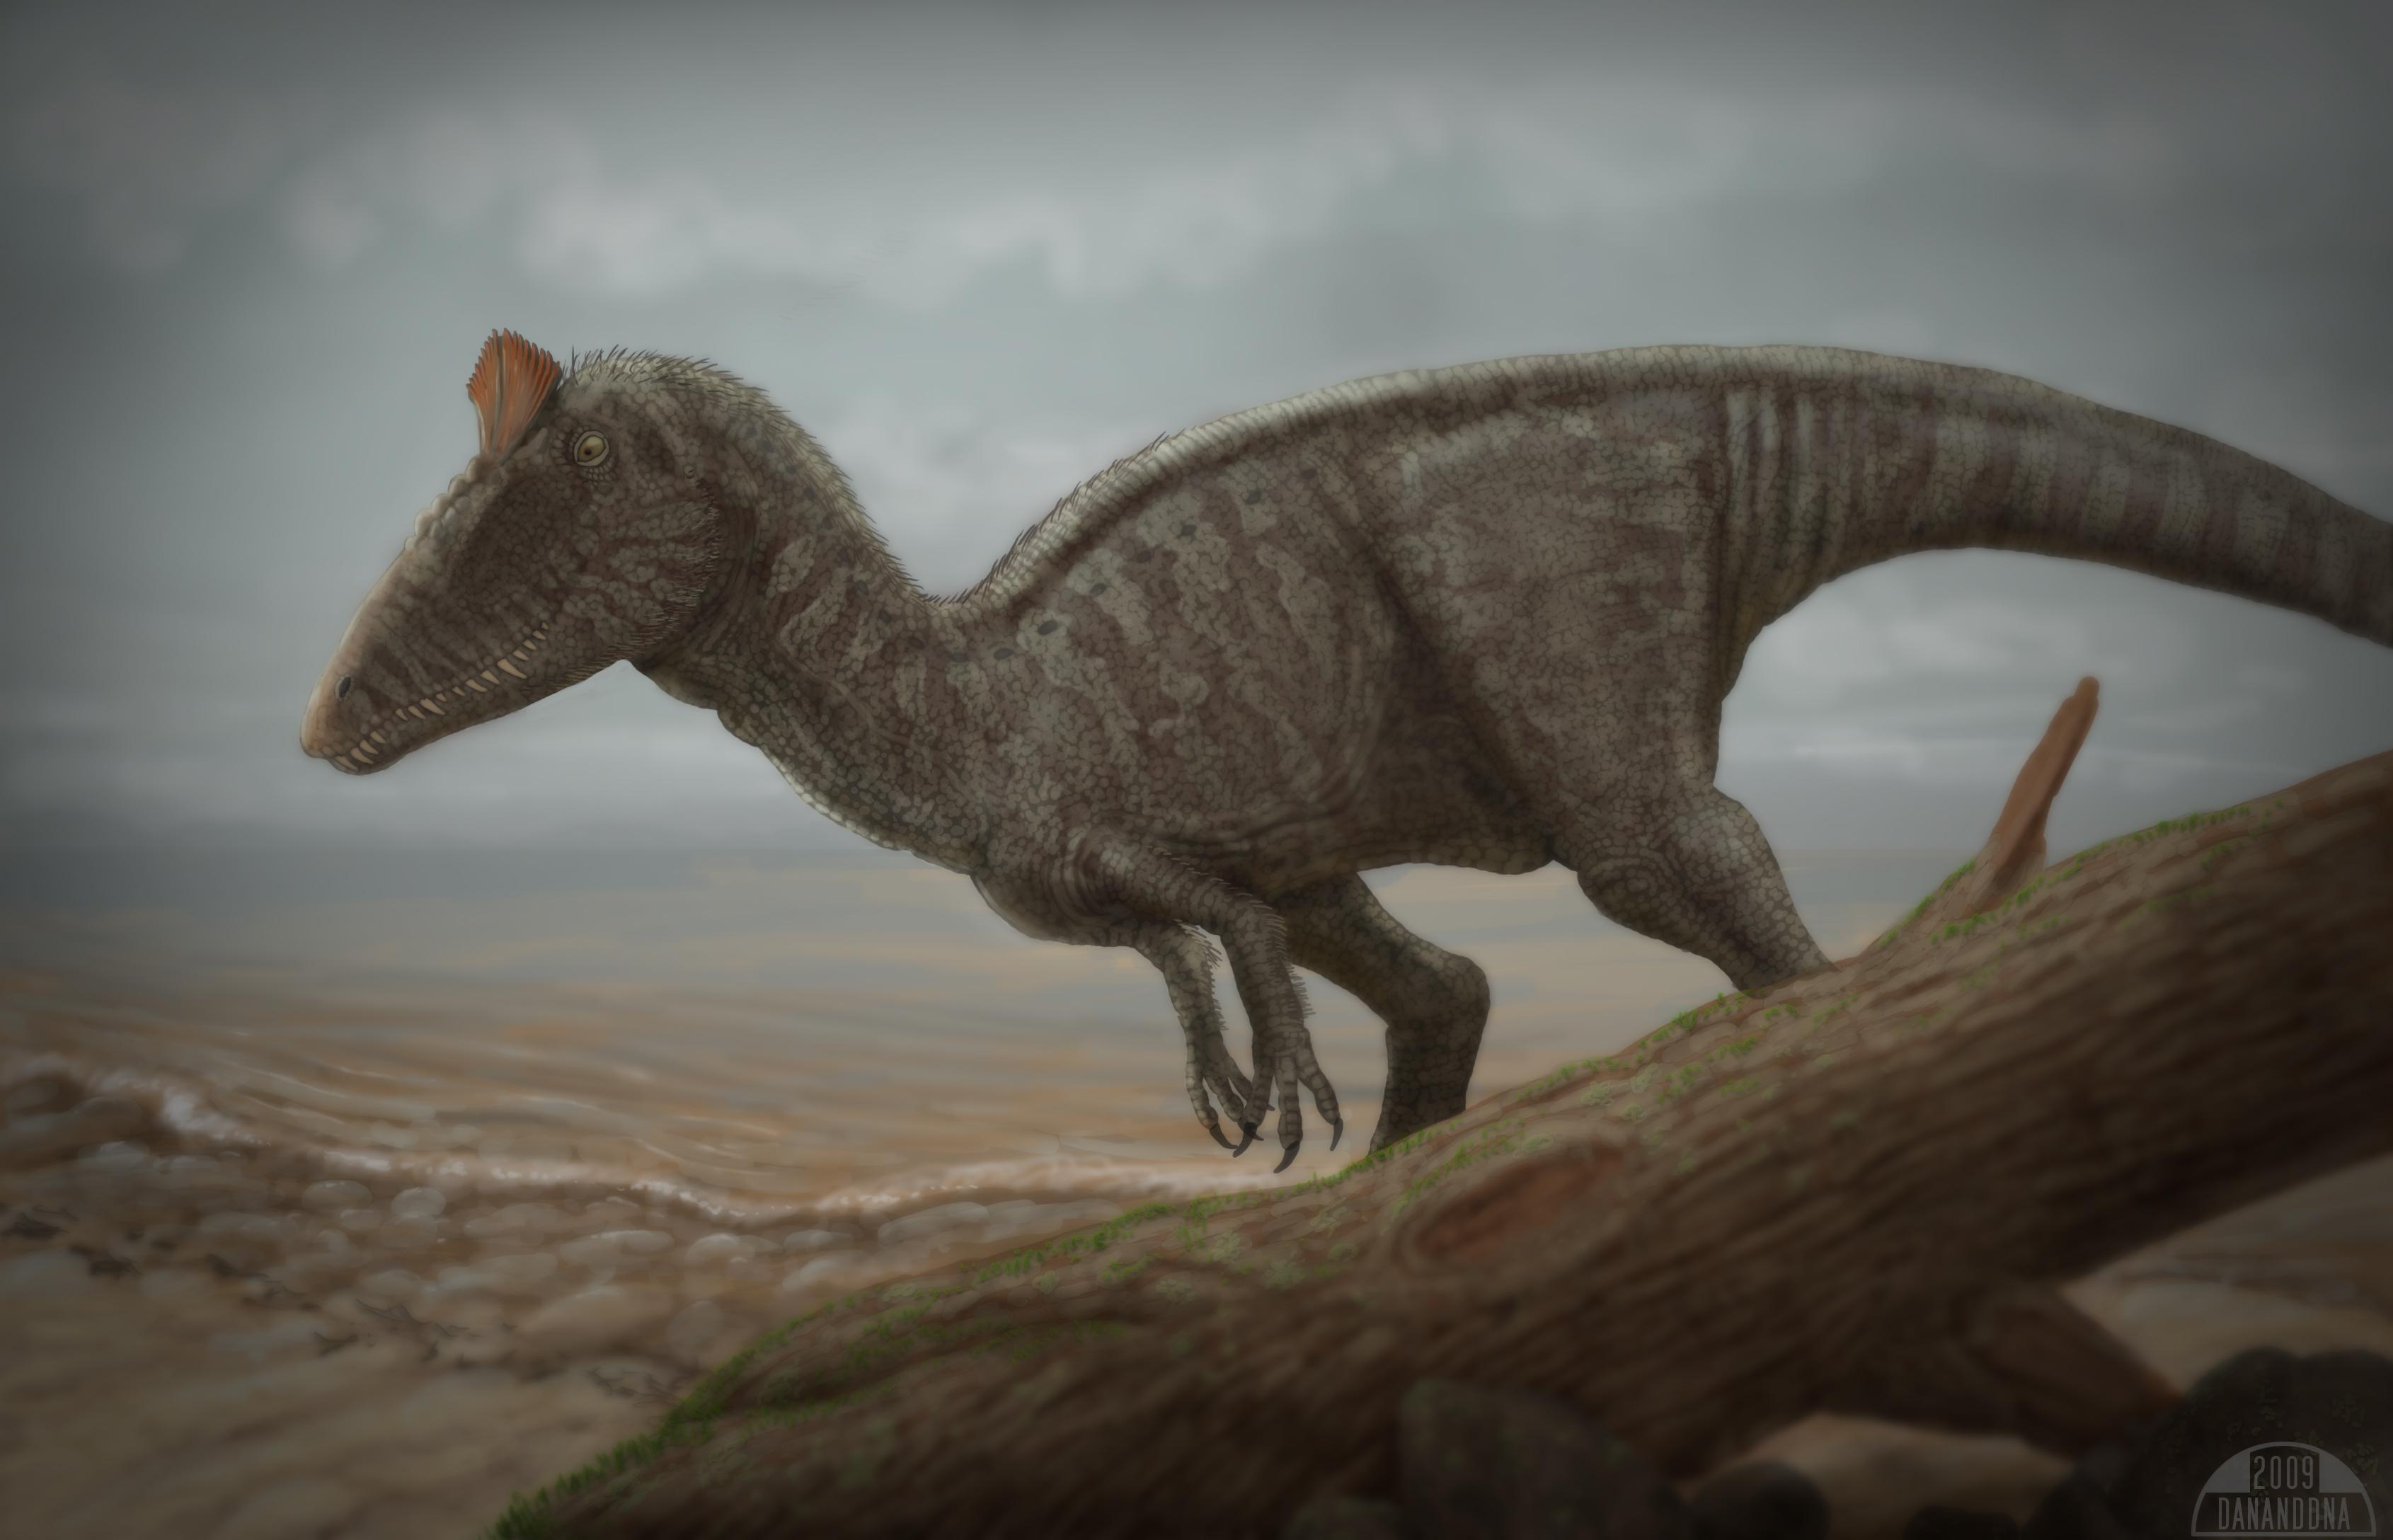 [Image: week_18___cryolophosaurus_by_sapien.jpg]